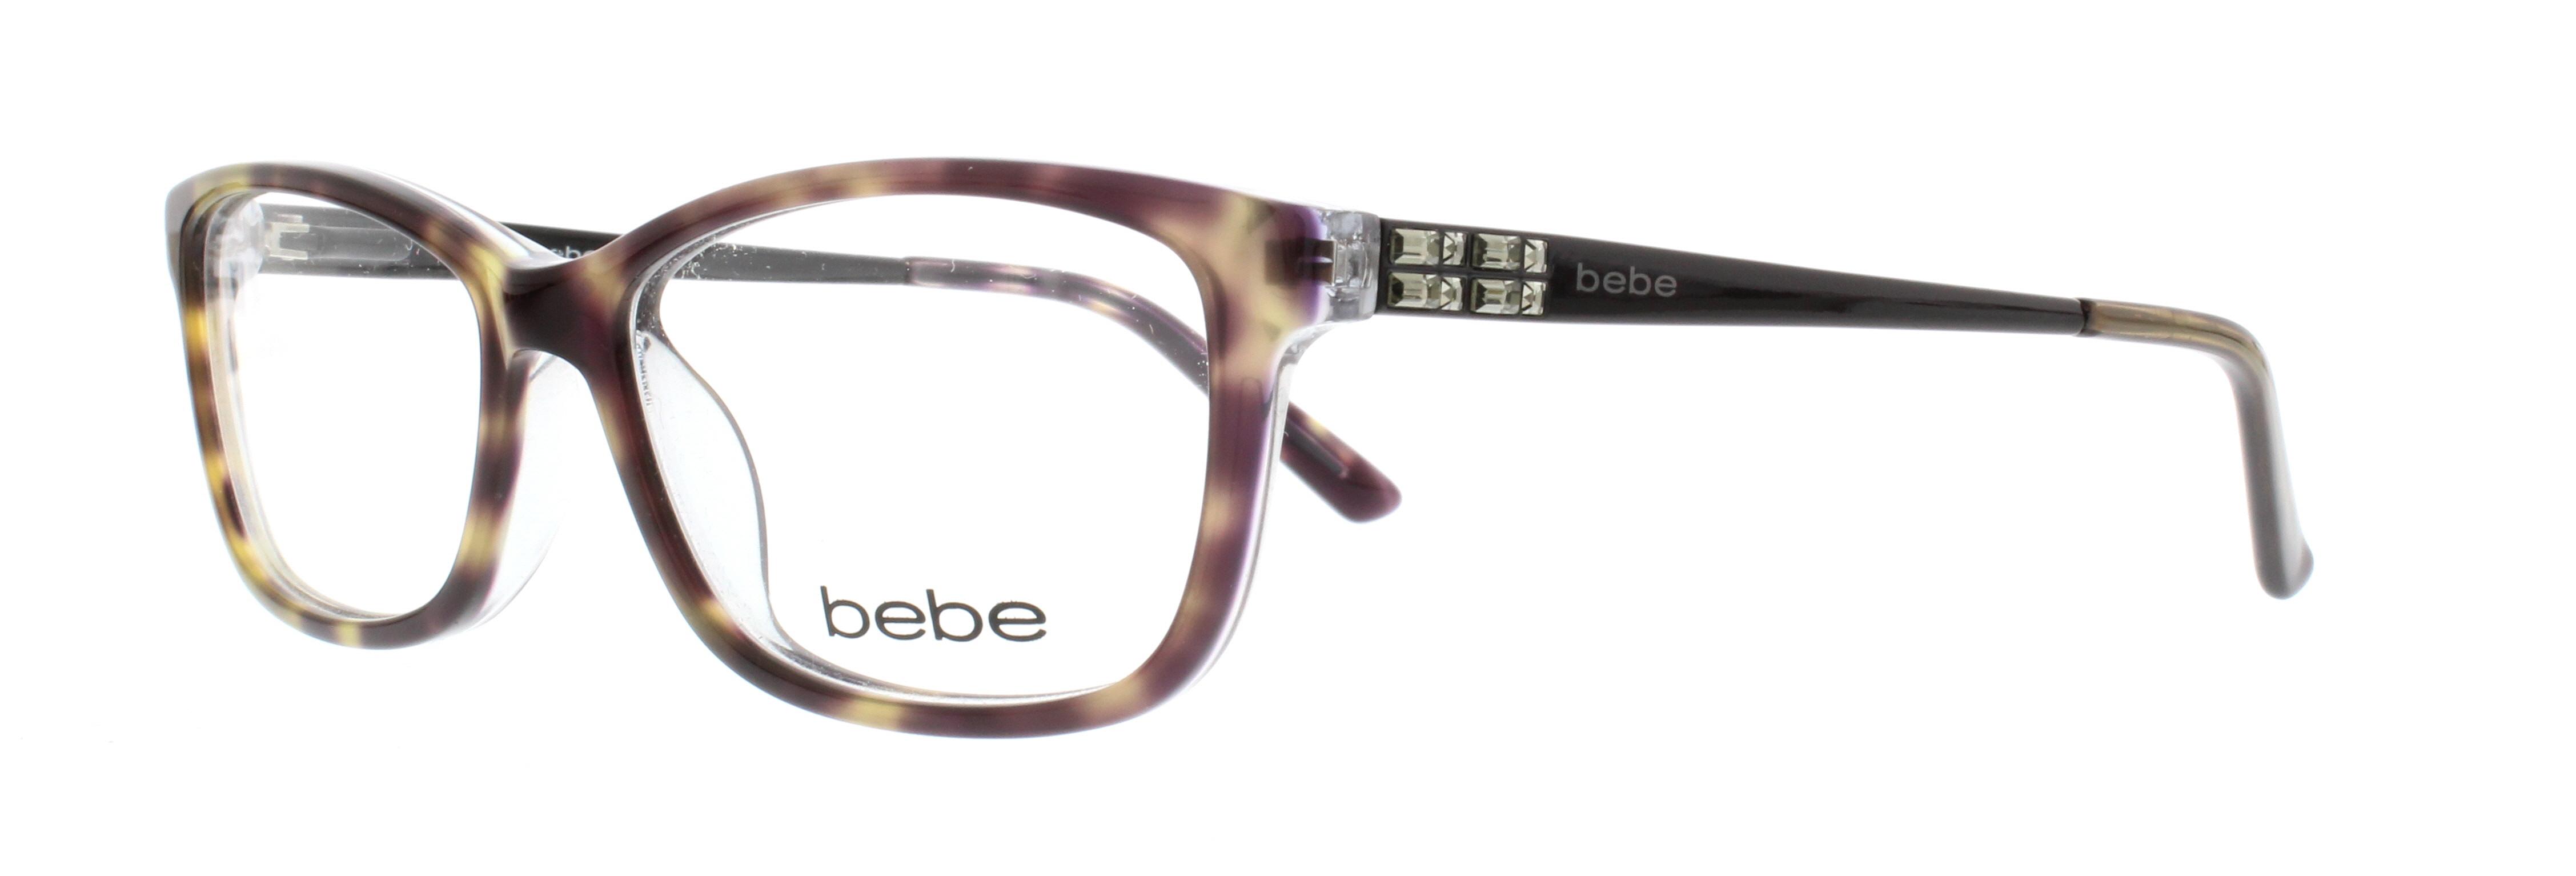 9103051b0a3 Designer Frames Outlet. Bebe BB5084 Love The Nightlife